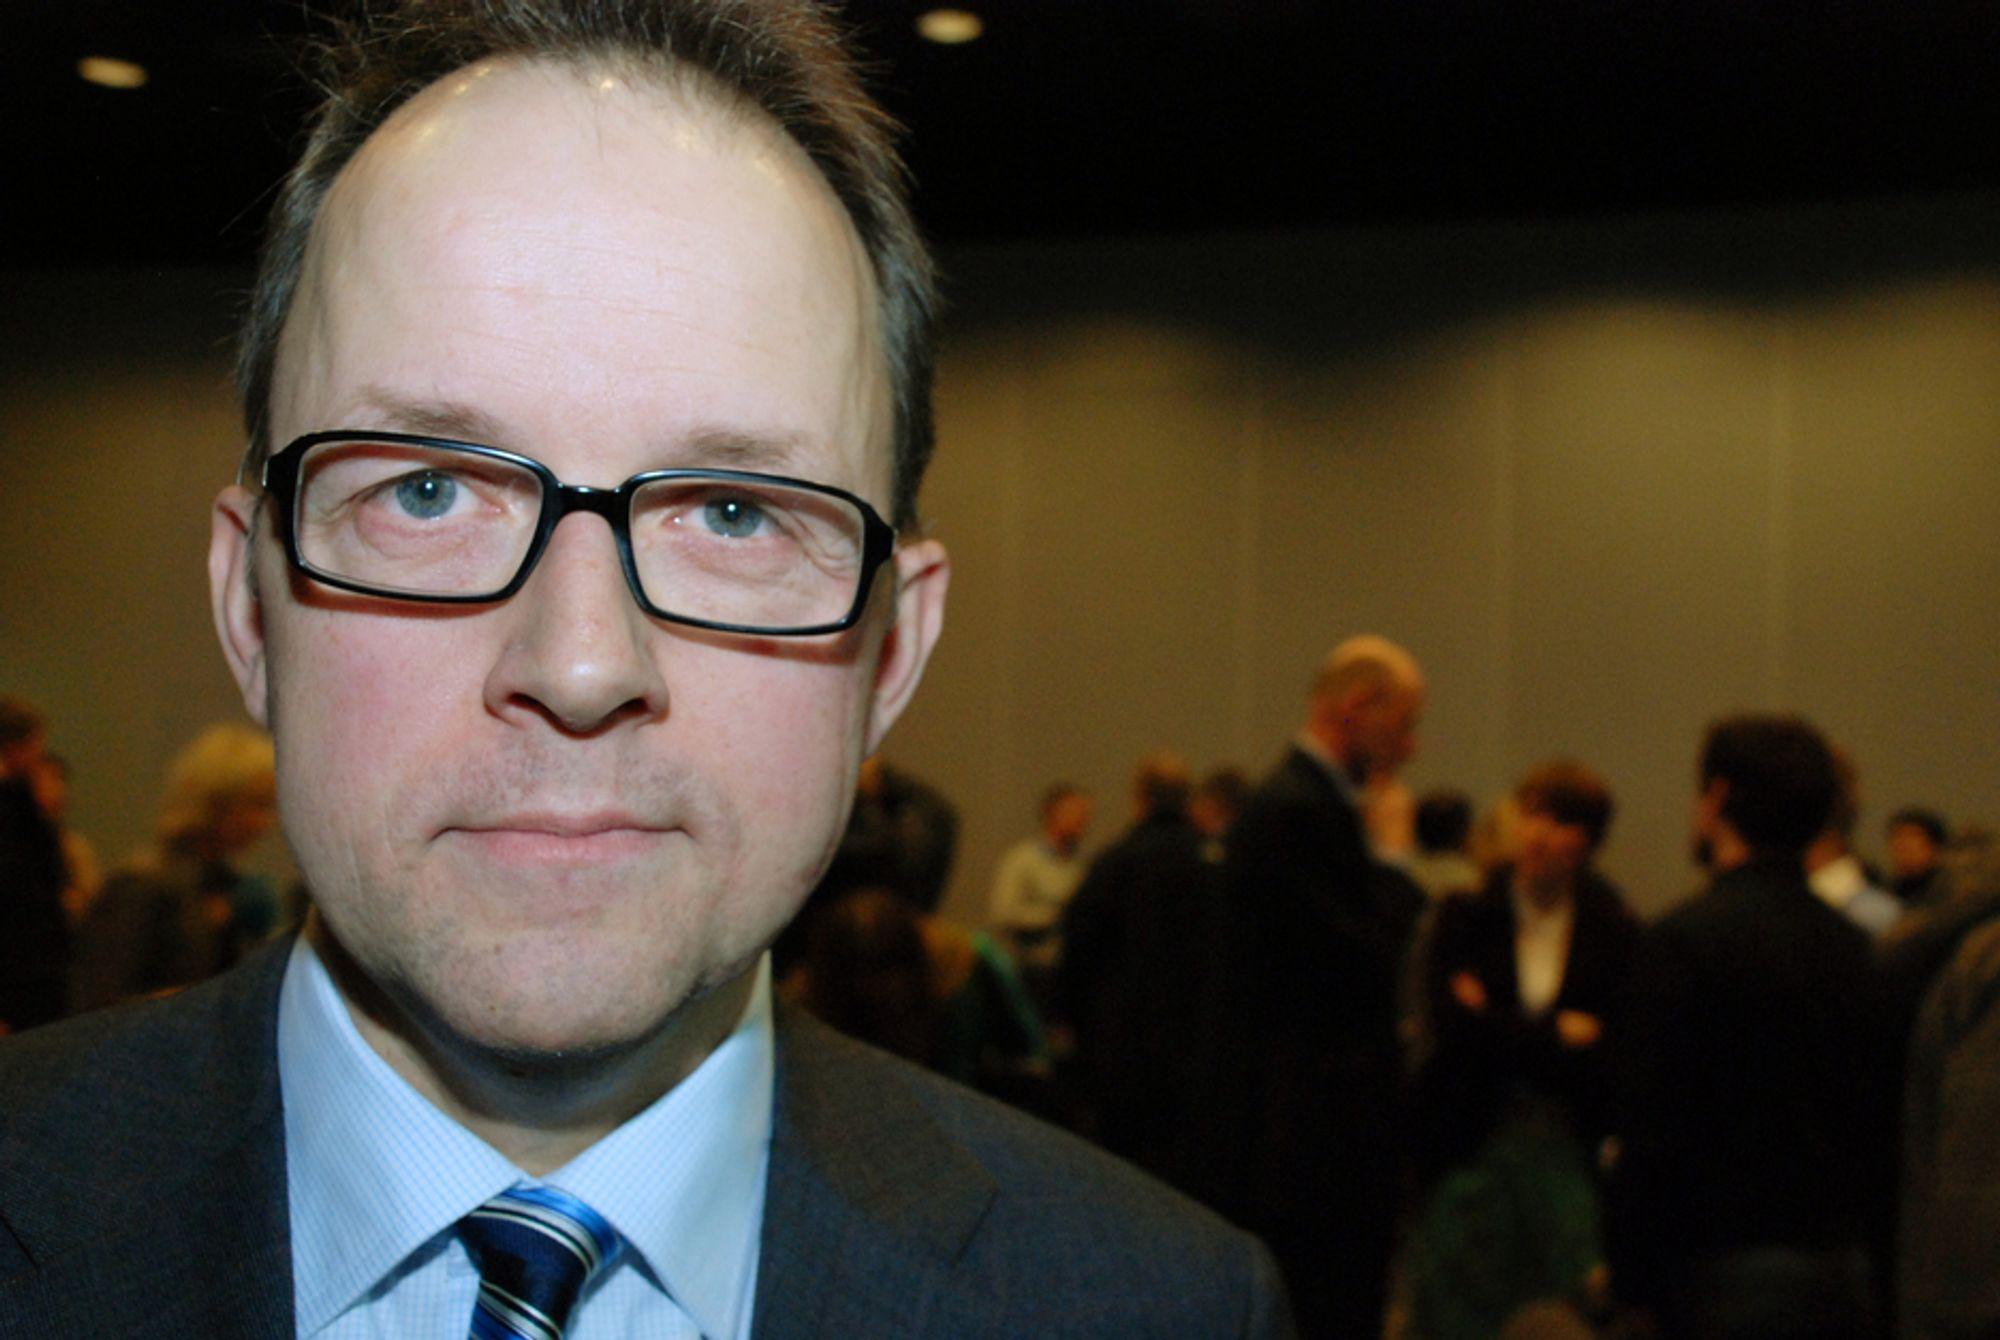 NEI: Høyere skatter vil gå ut over satsingen på fornybar energi, sier Energi Norge-direktør Oluf Ulseth.